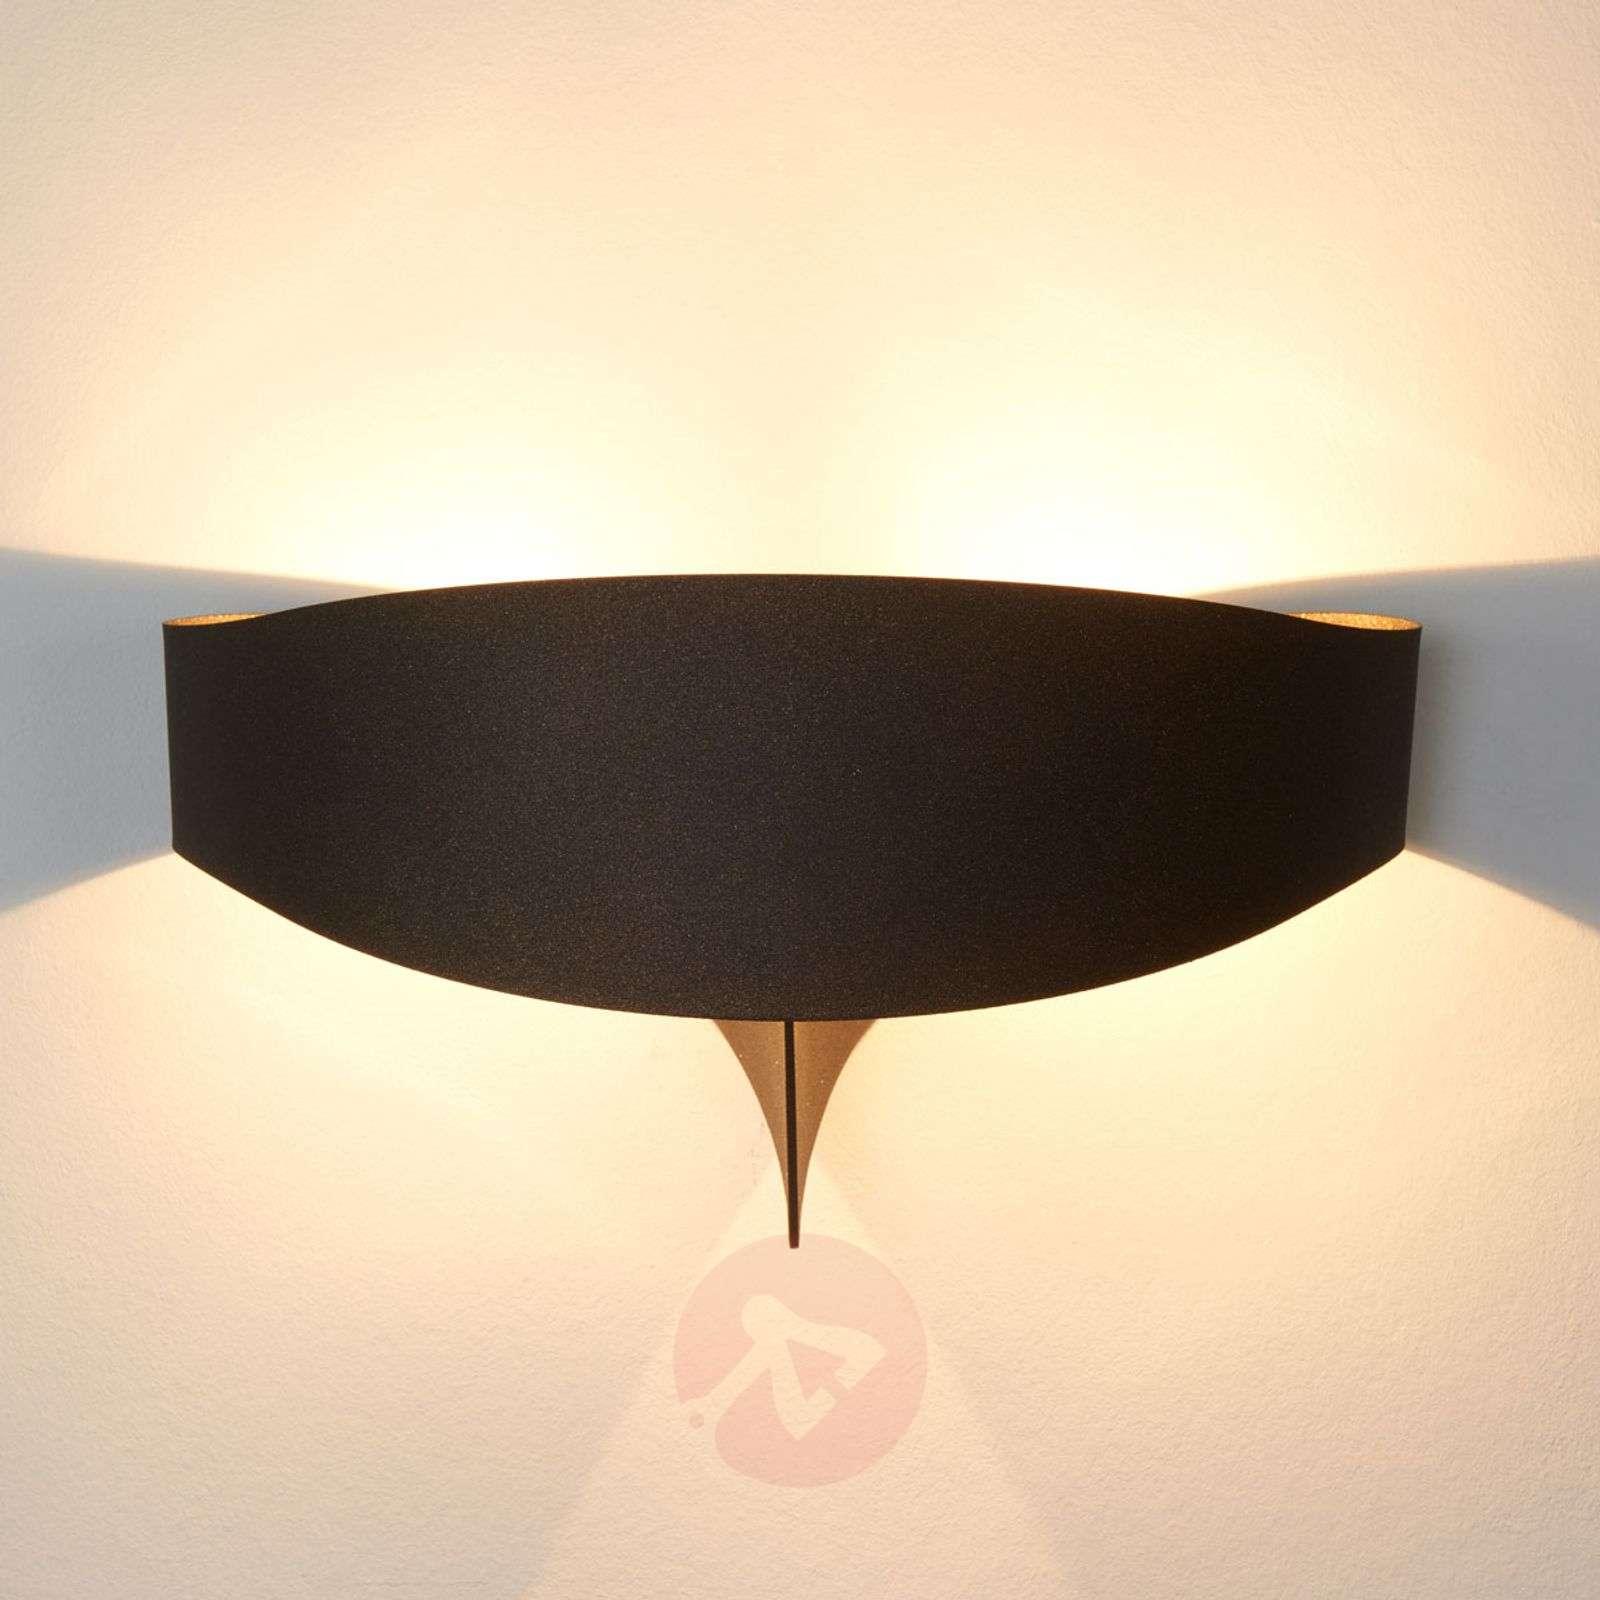 Bronze designer wall light Scudo-8525695-01